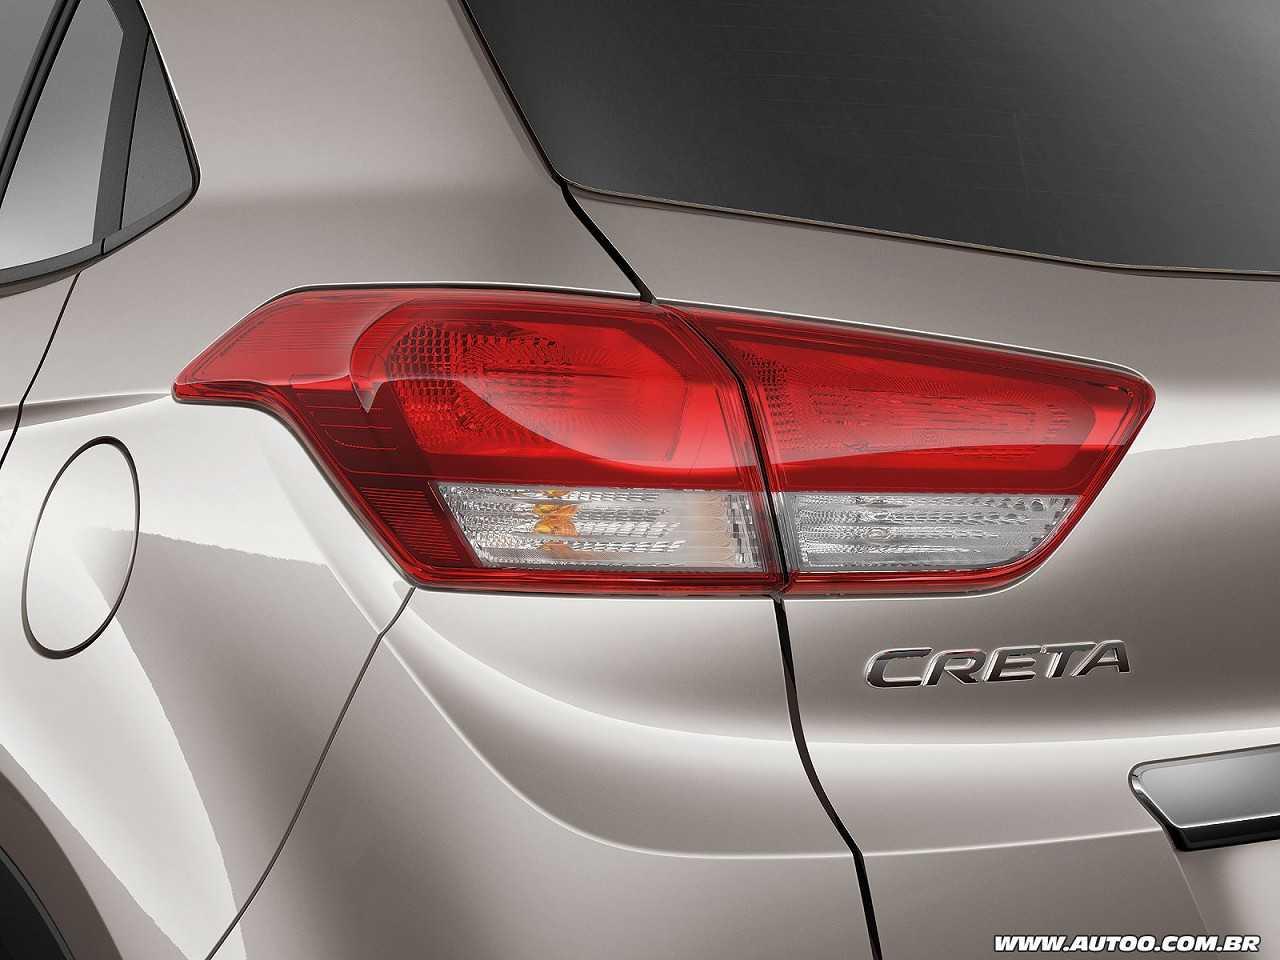 HyundaiCreta 2017 - lanternas